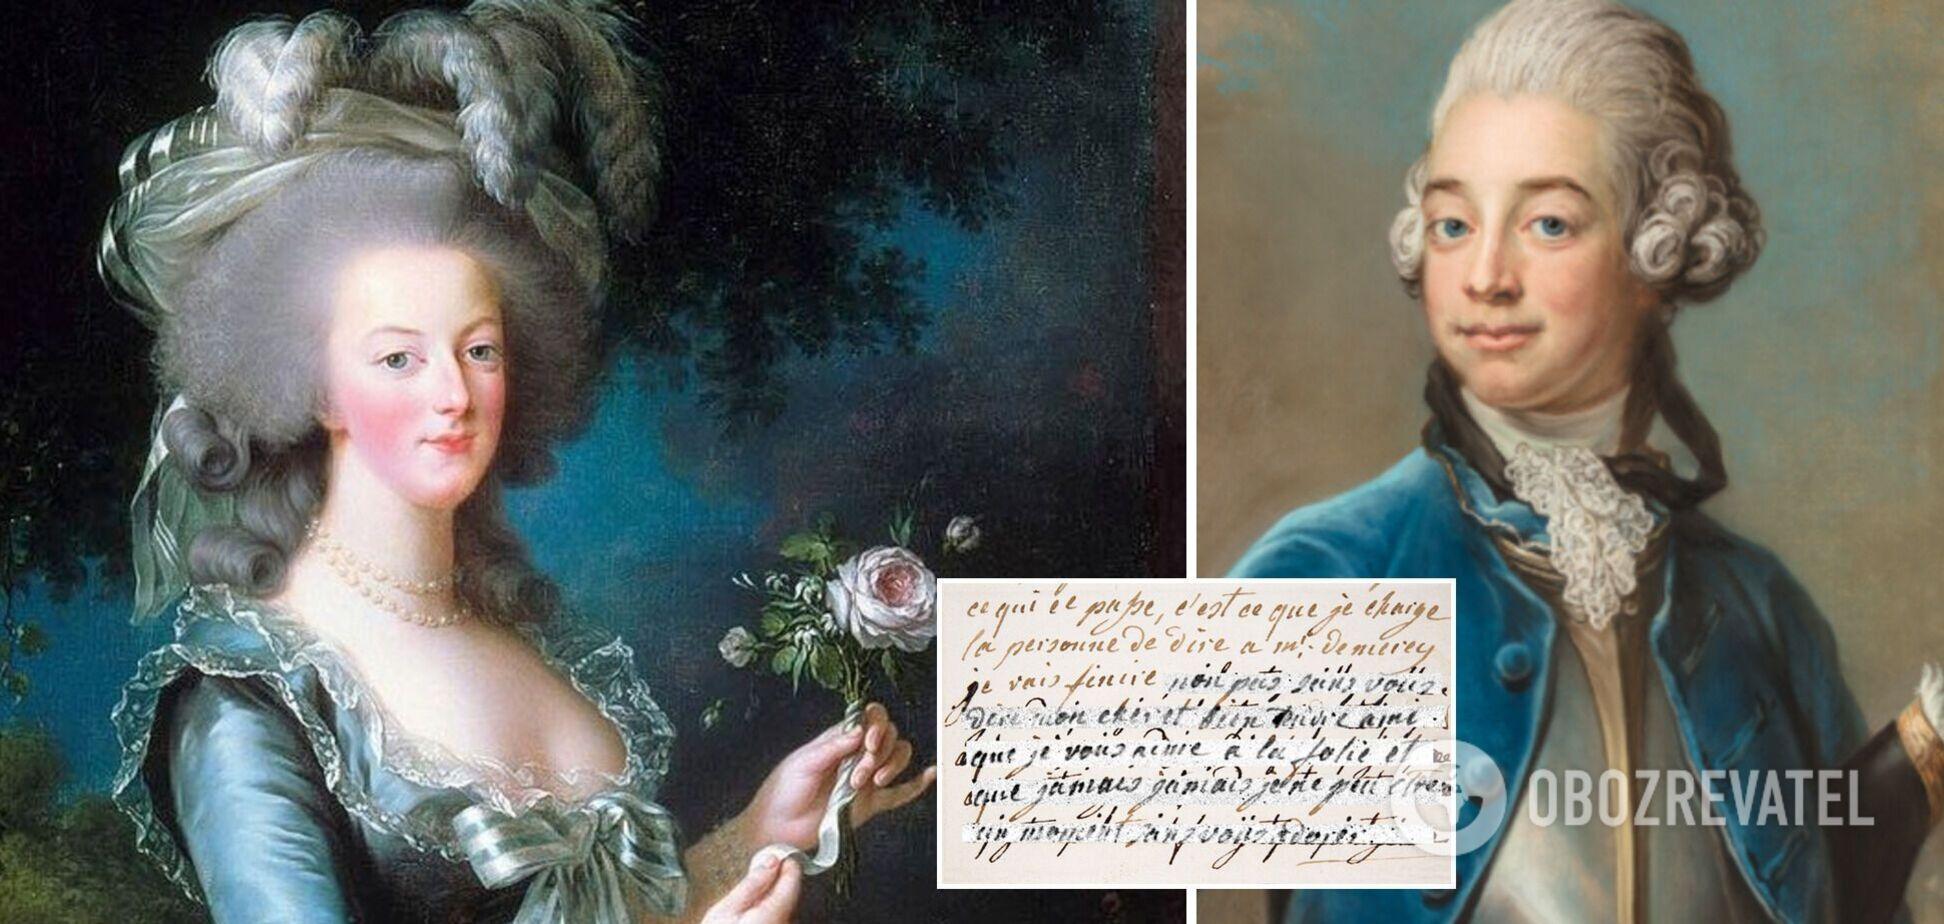 Вчені розшифрували таємне листування королеви Франції Марії-Антуанетти з коханцем. Фото